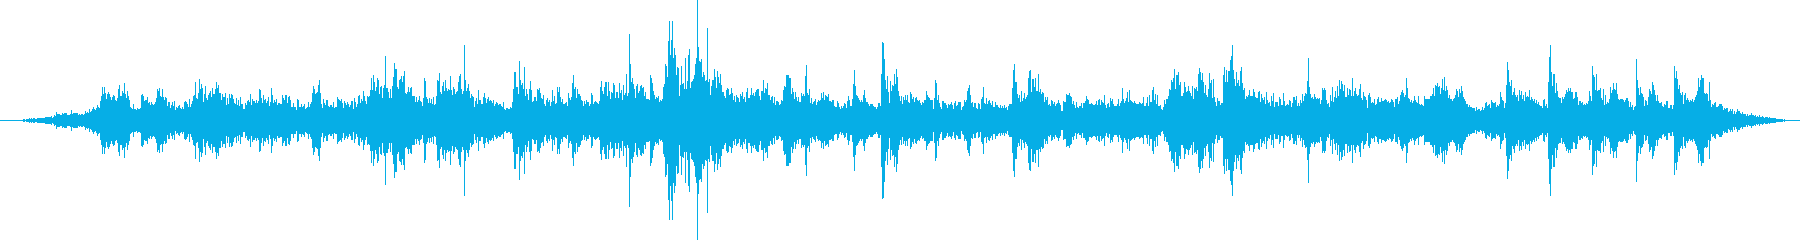 里山の鳥の声(環境音)の再生済みの波形